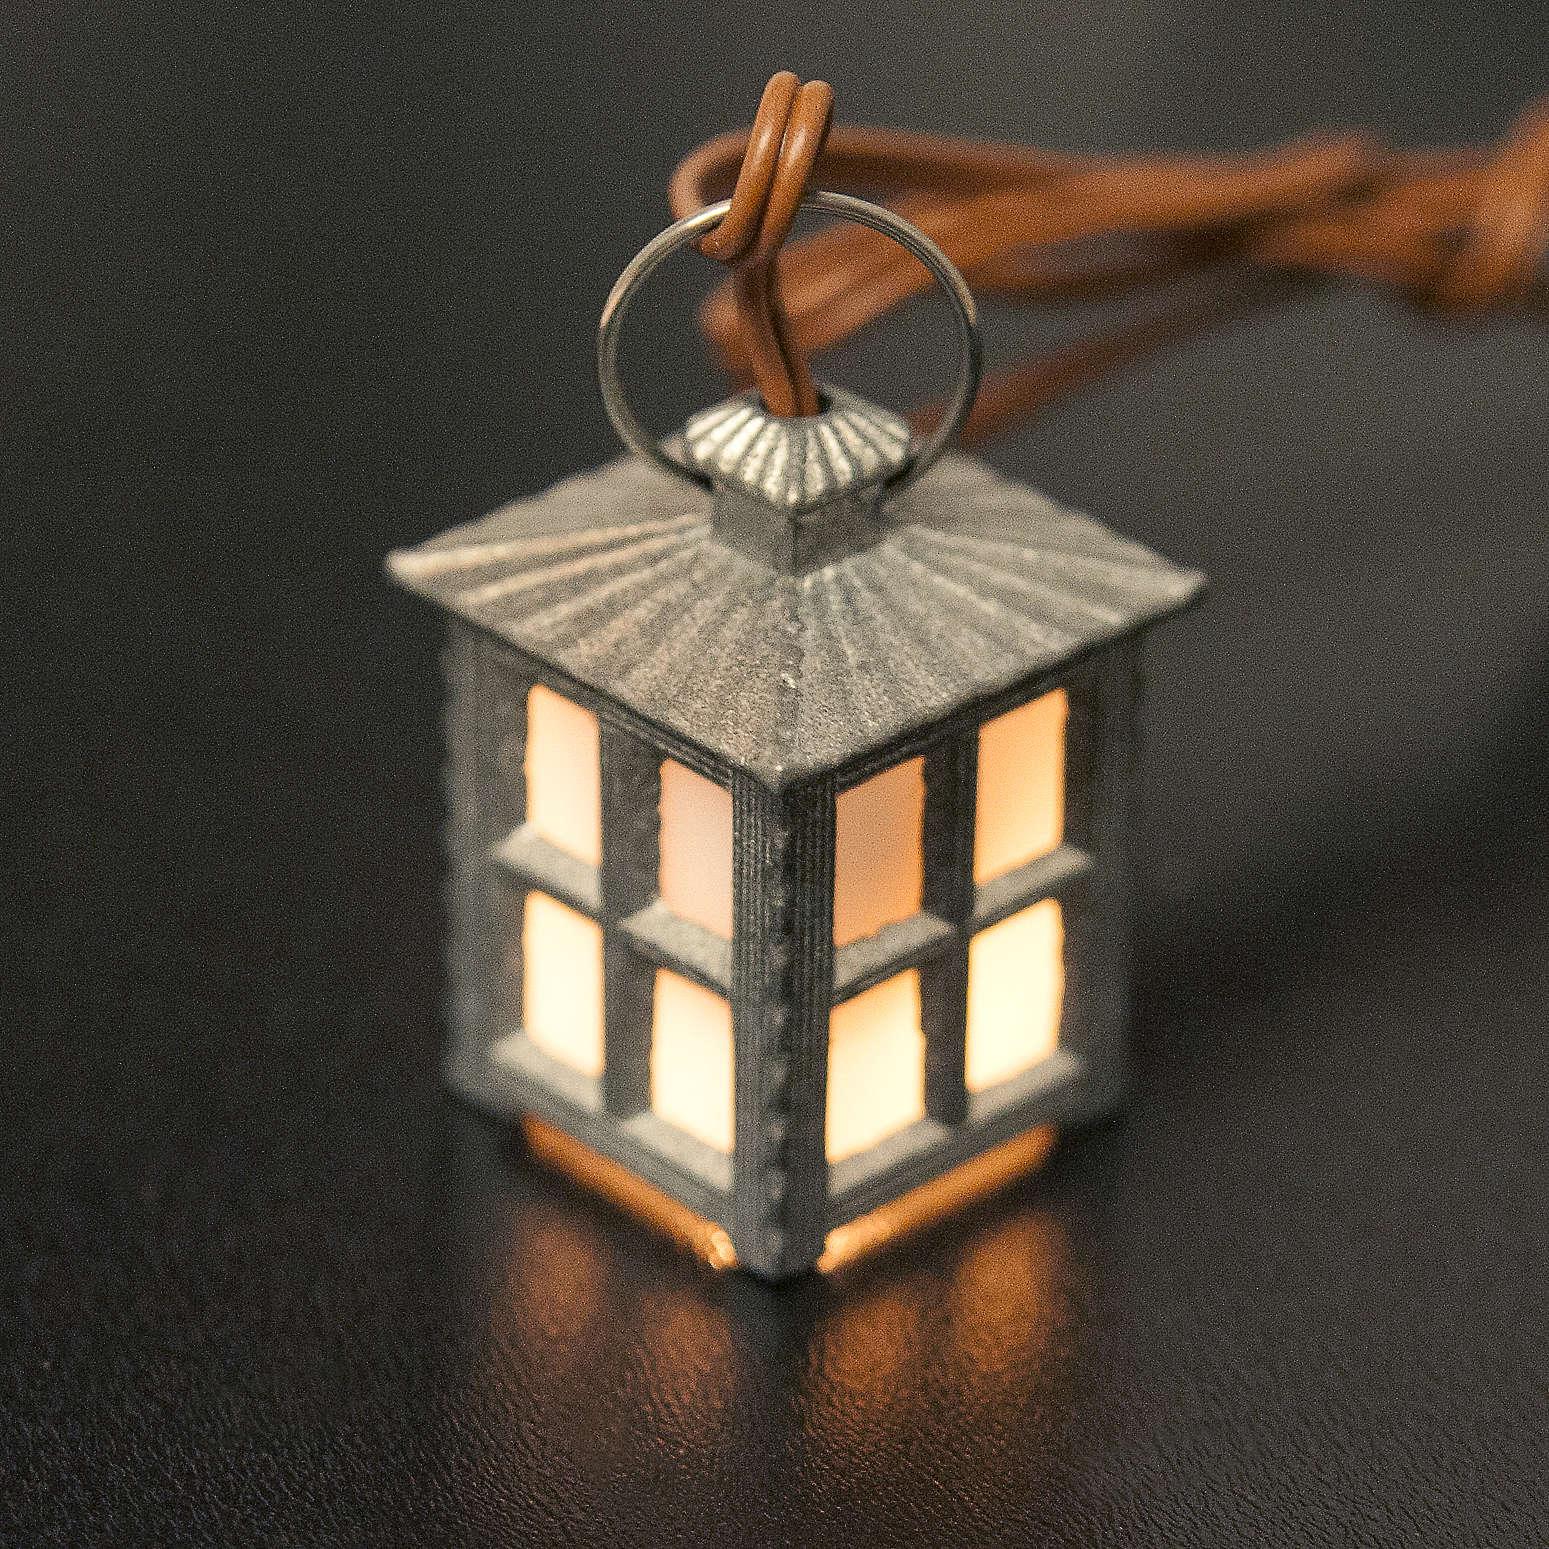 Lampione metallo luce bianca h 2,5 cm 4